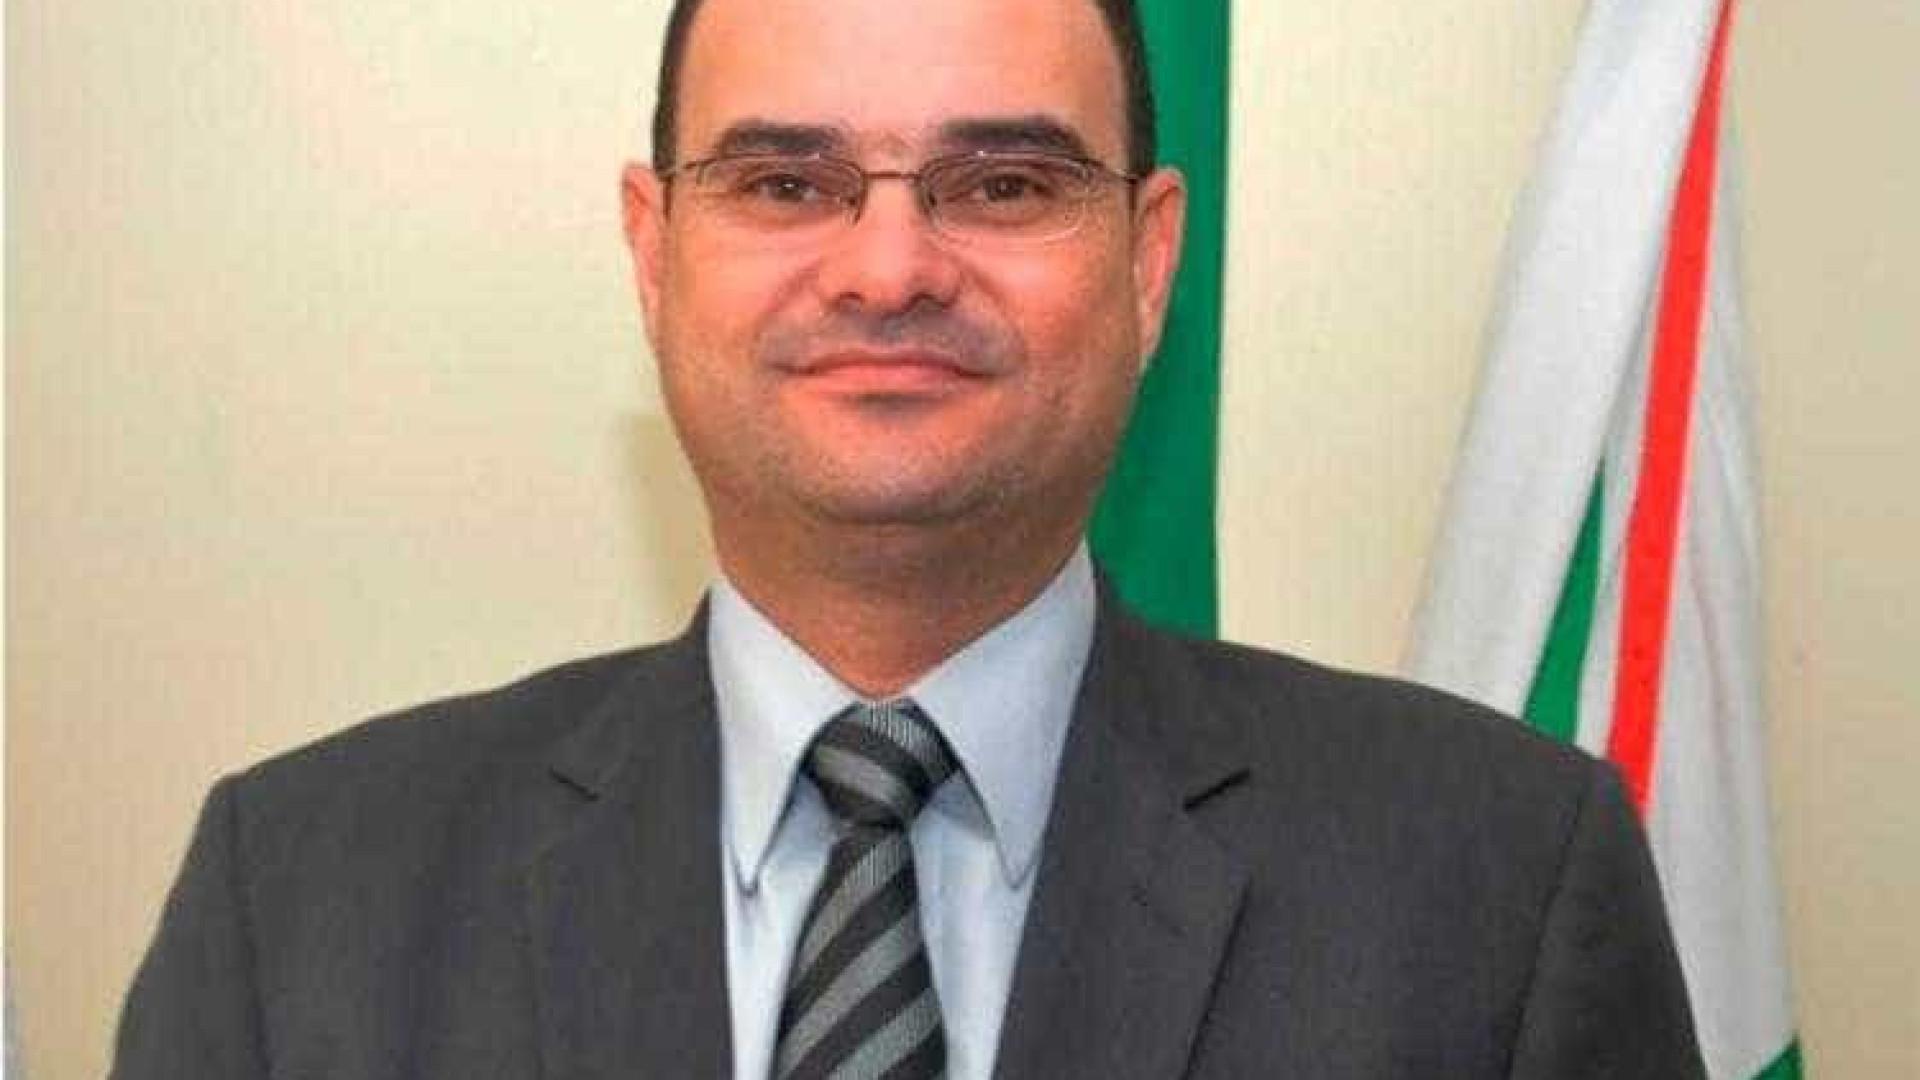 Presidente da Câmara de Feira de Santana (BA) morre aos 42 anos